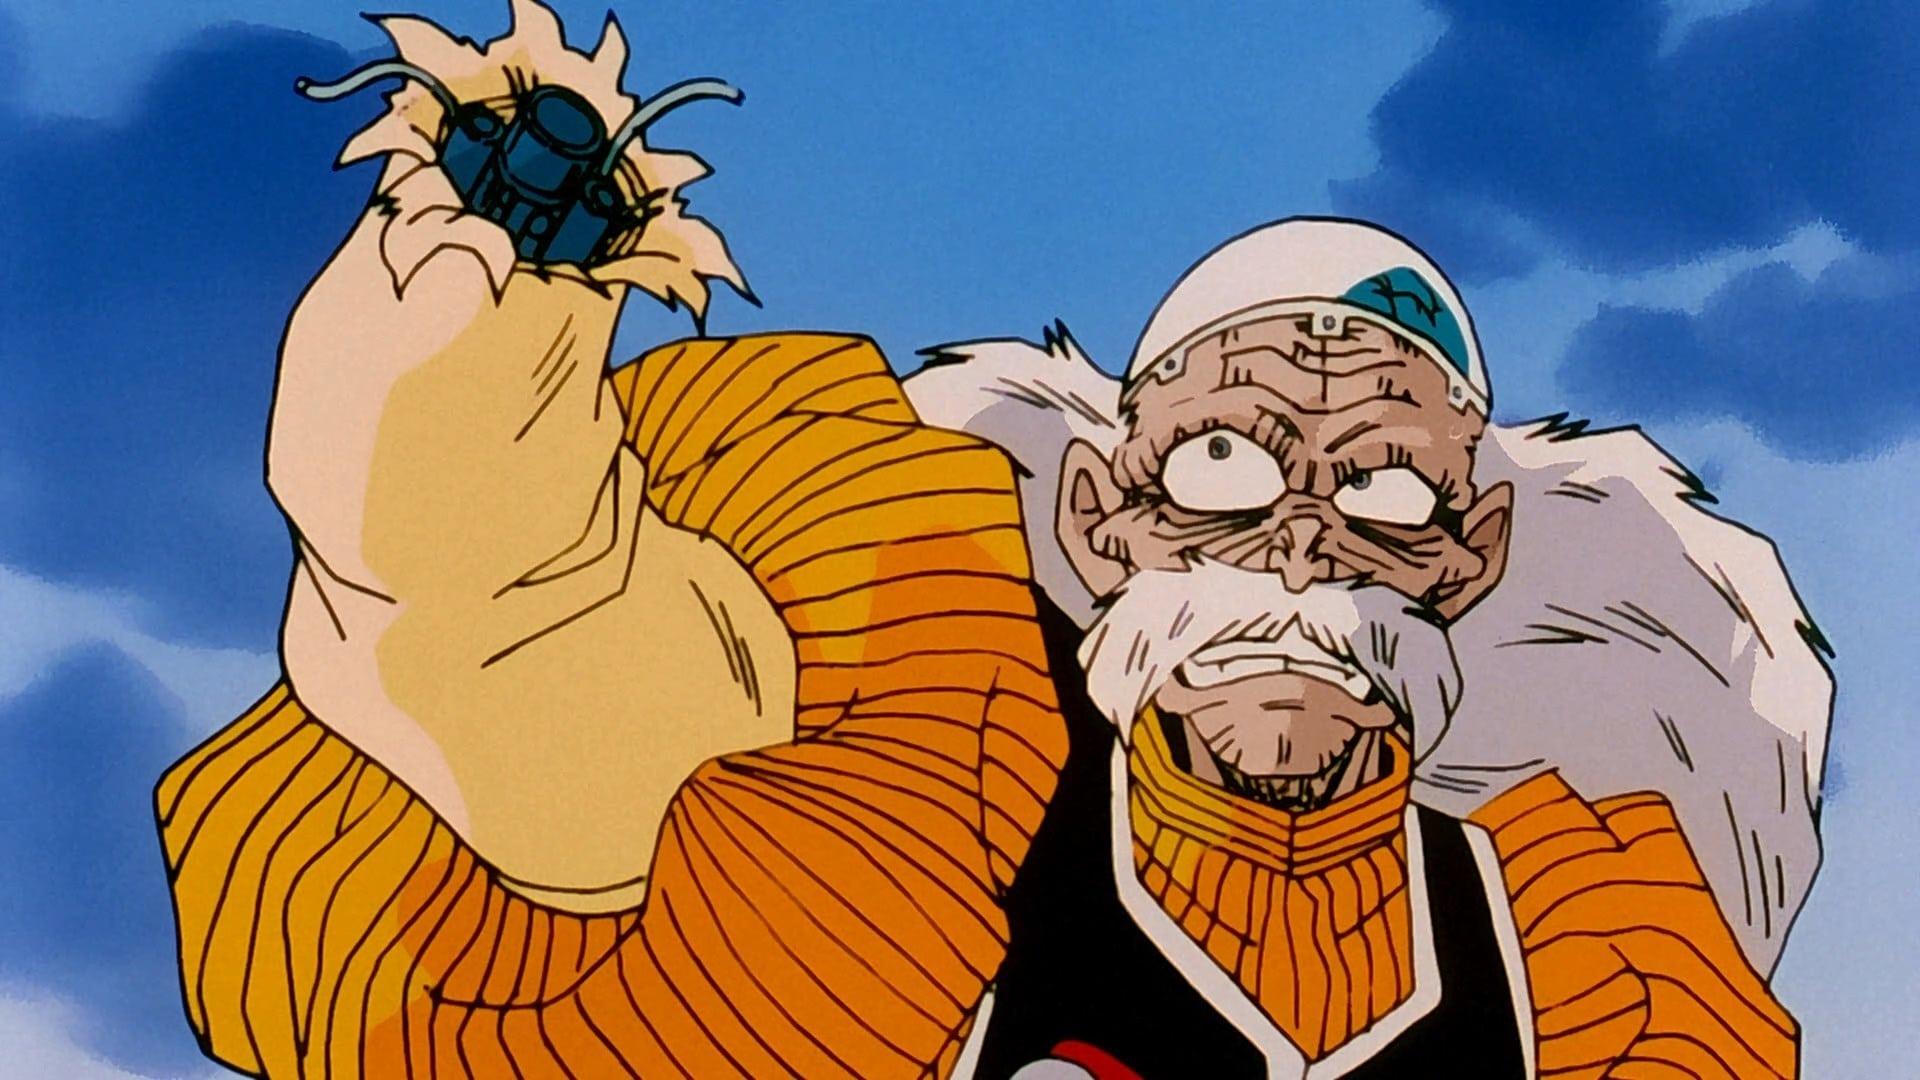 Imagen Tate no Yuusha no Nariagari (The Rising of The Shield Hero)